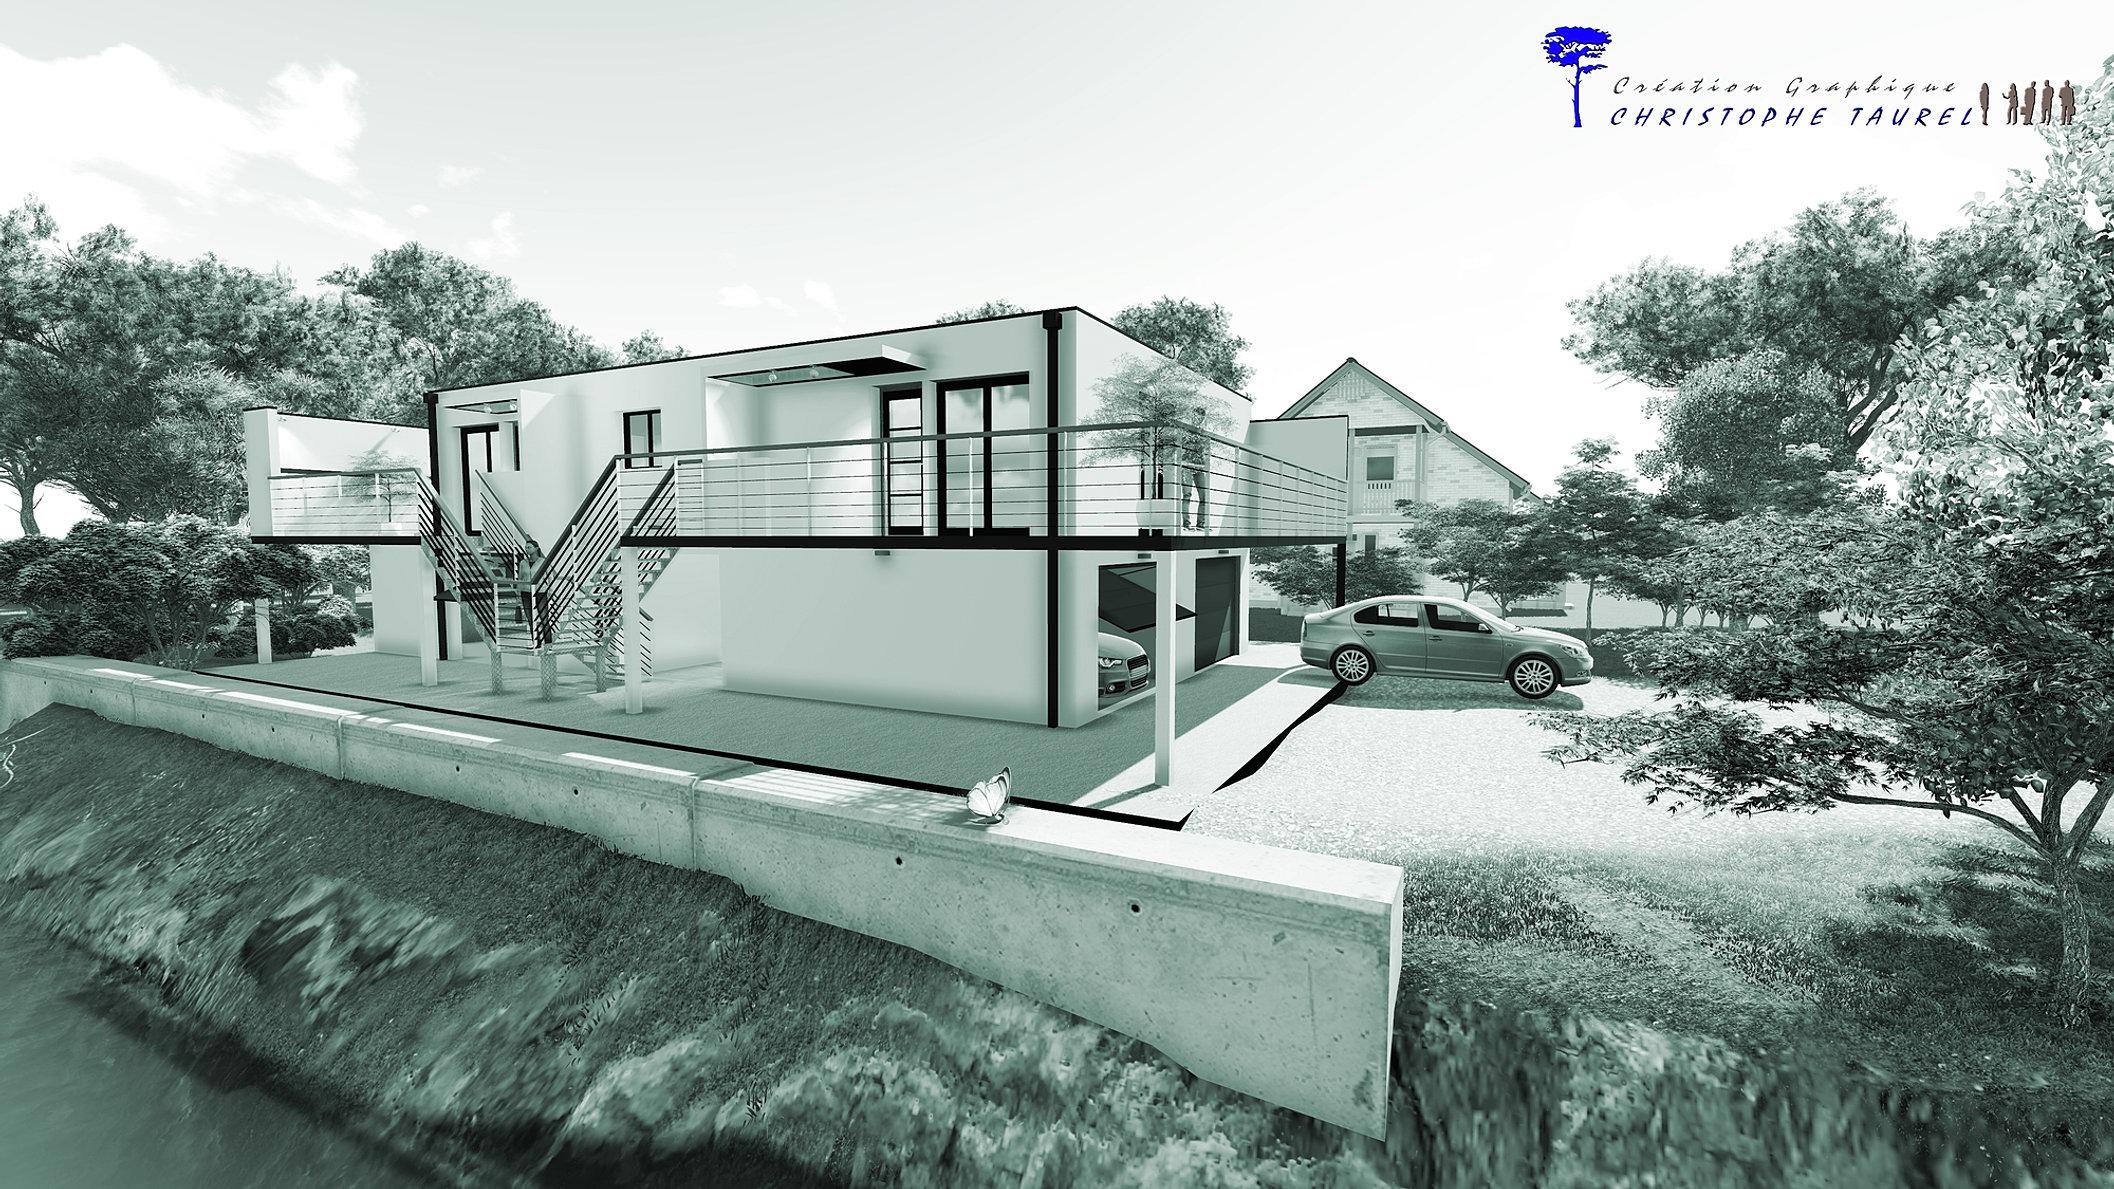 Image maison 3d permis de construire plan maison 3d agence for Tarif architecte pour plan maison